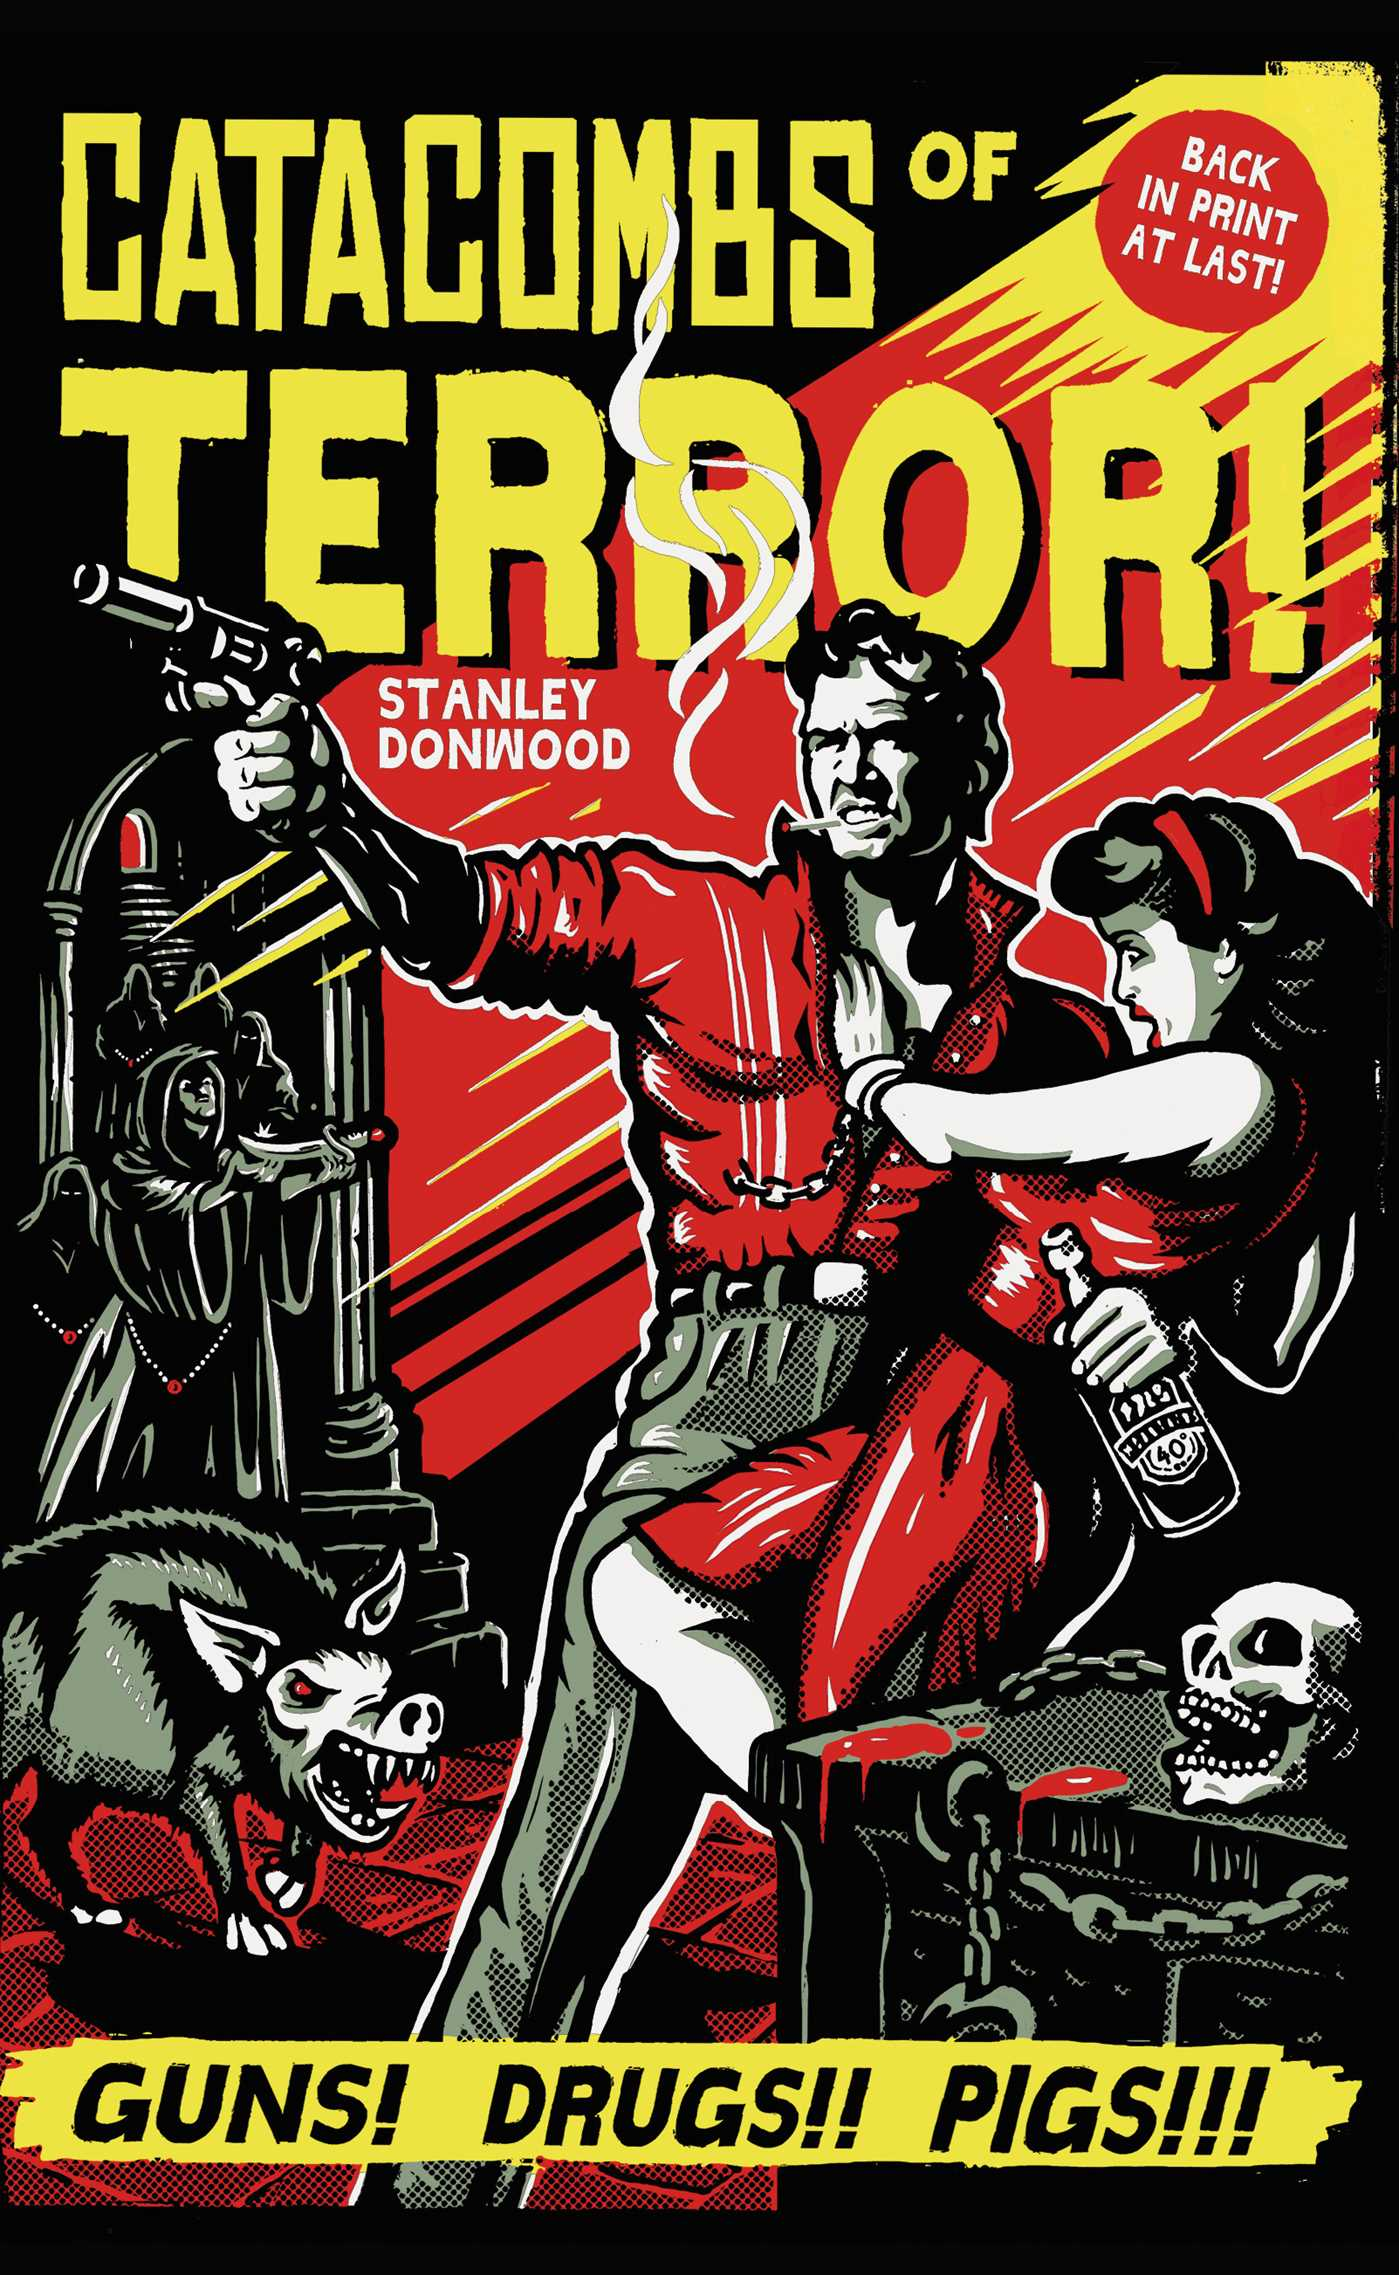 Catacombs of terror 9781440596698 hr